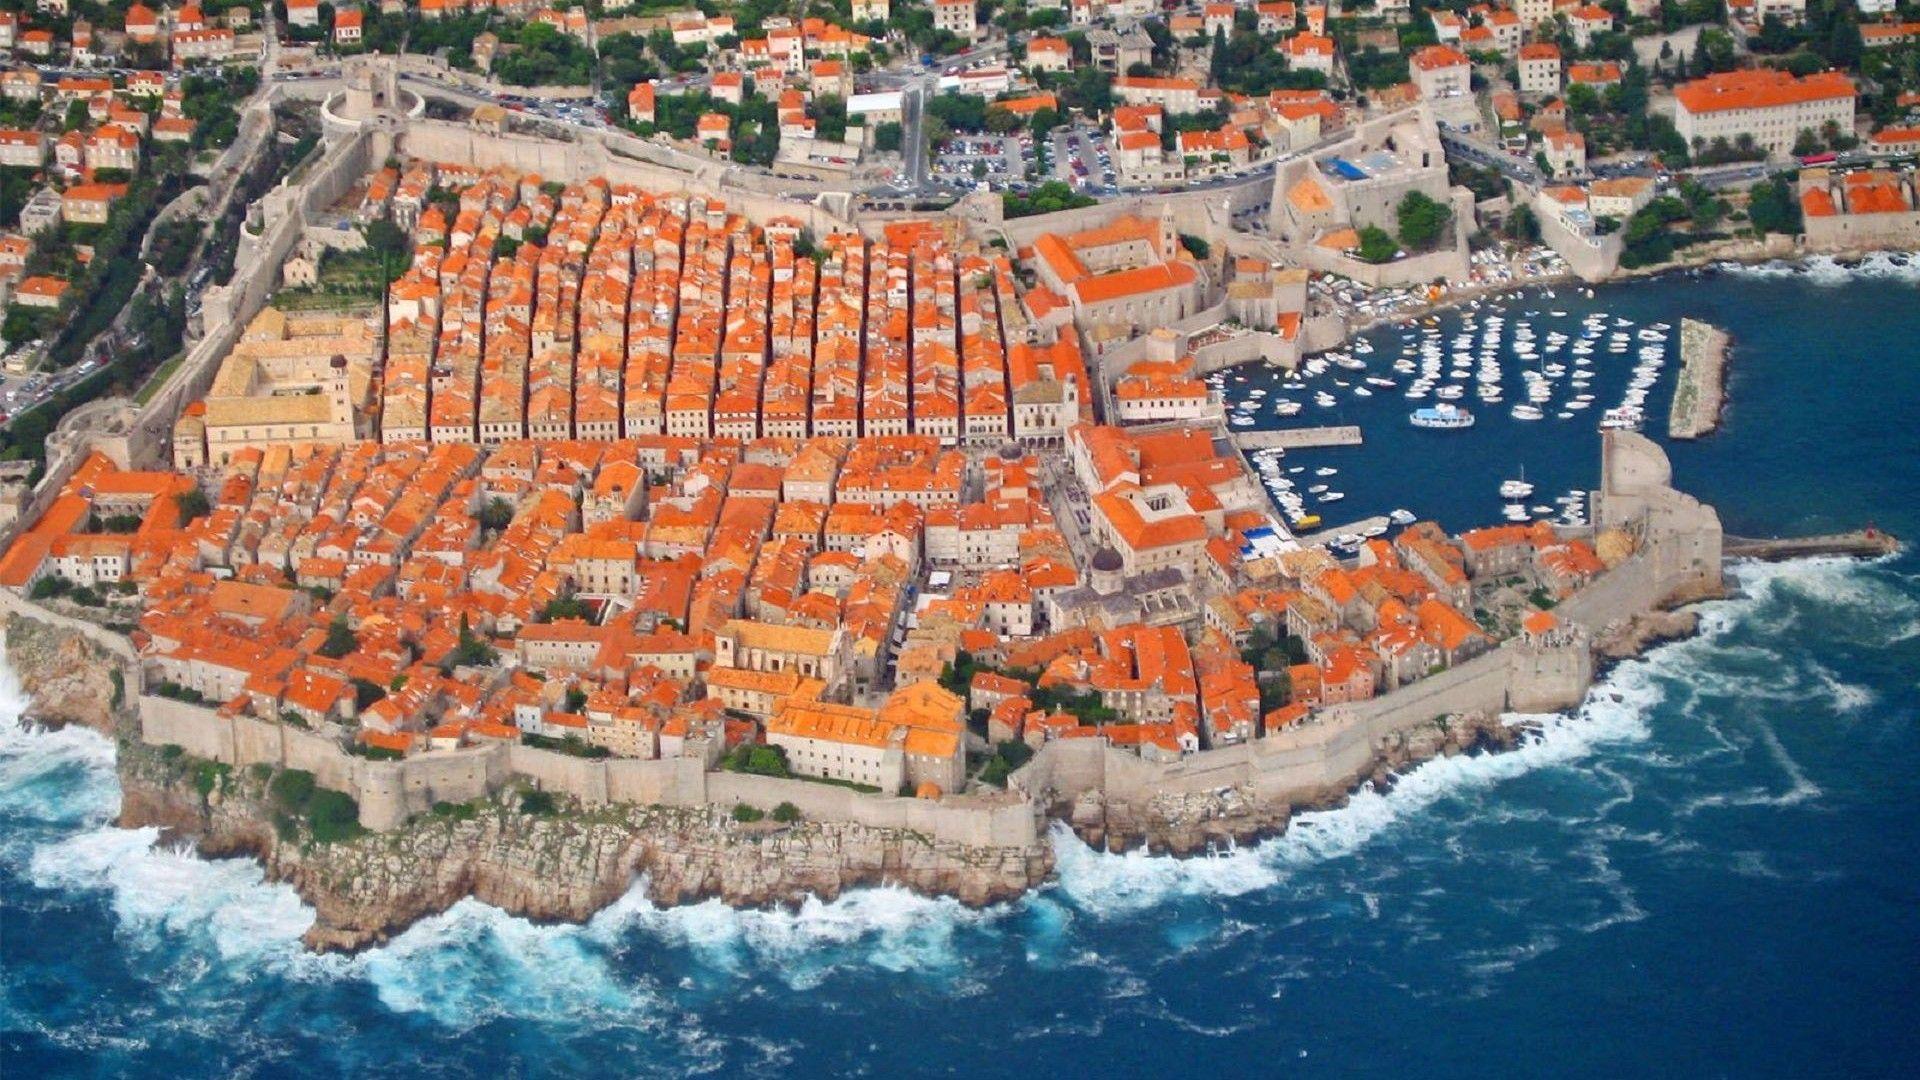 Fin de año a Dubrovnik 2015-2016 desde 719€ – Cap d'any a Dubrovnik 2015-2016 des de 719€